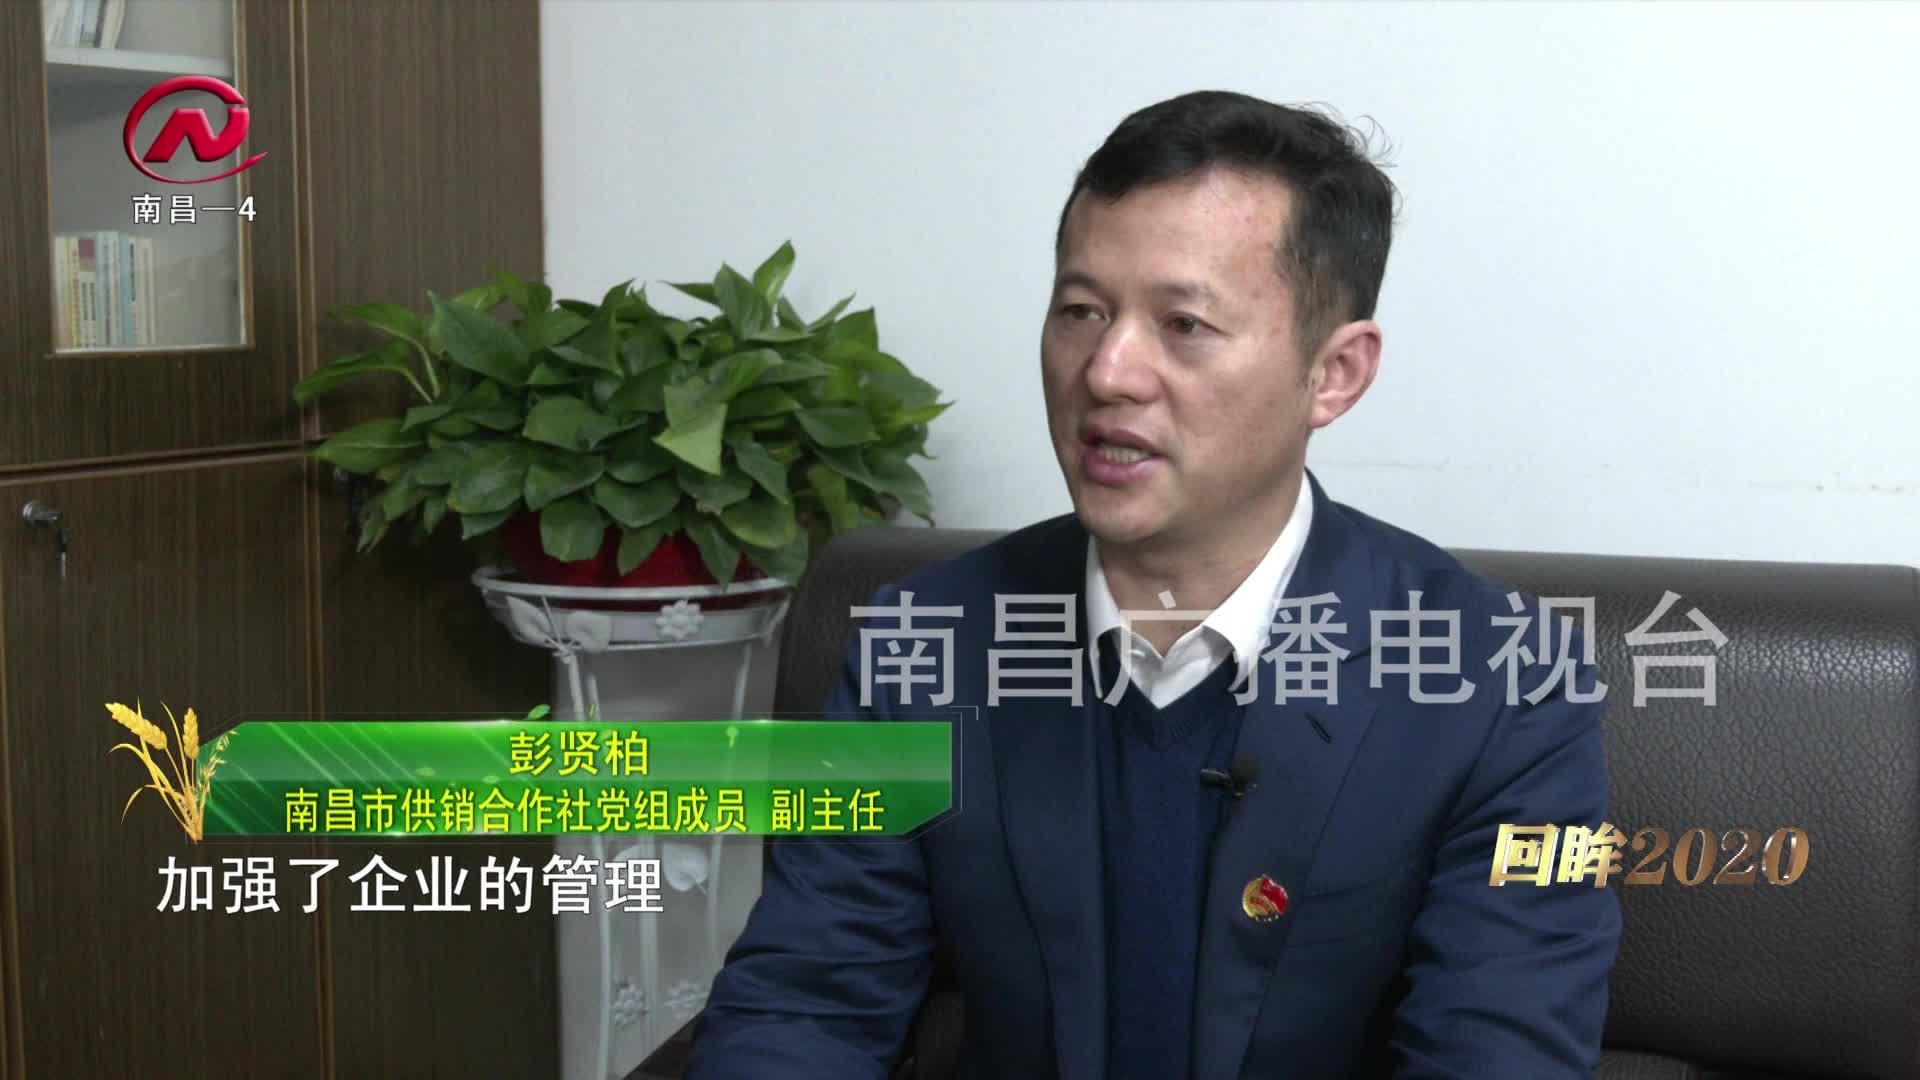 【豫章農視】彭賢柏:深化為農服務  打造全省供銷系統綜合改革示范樣板